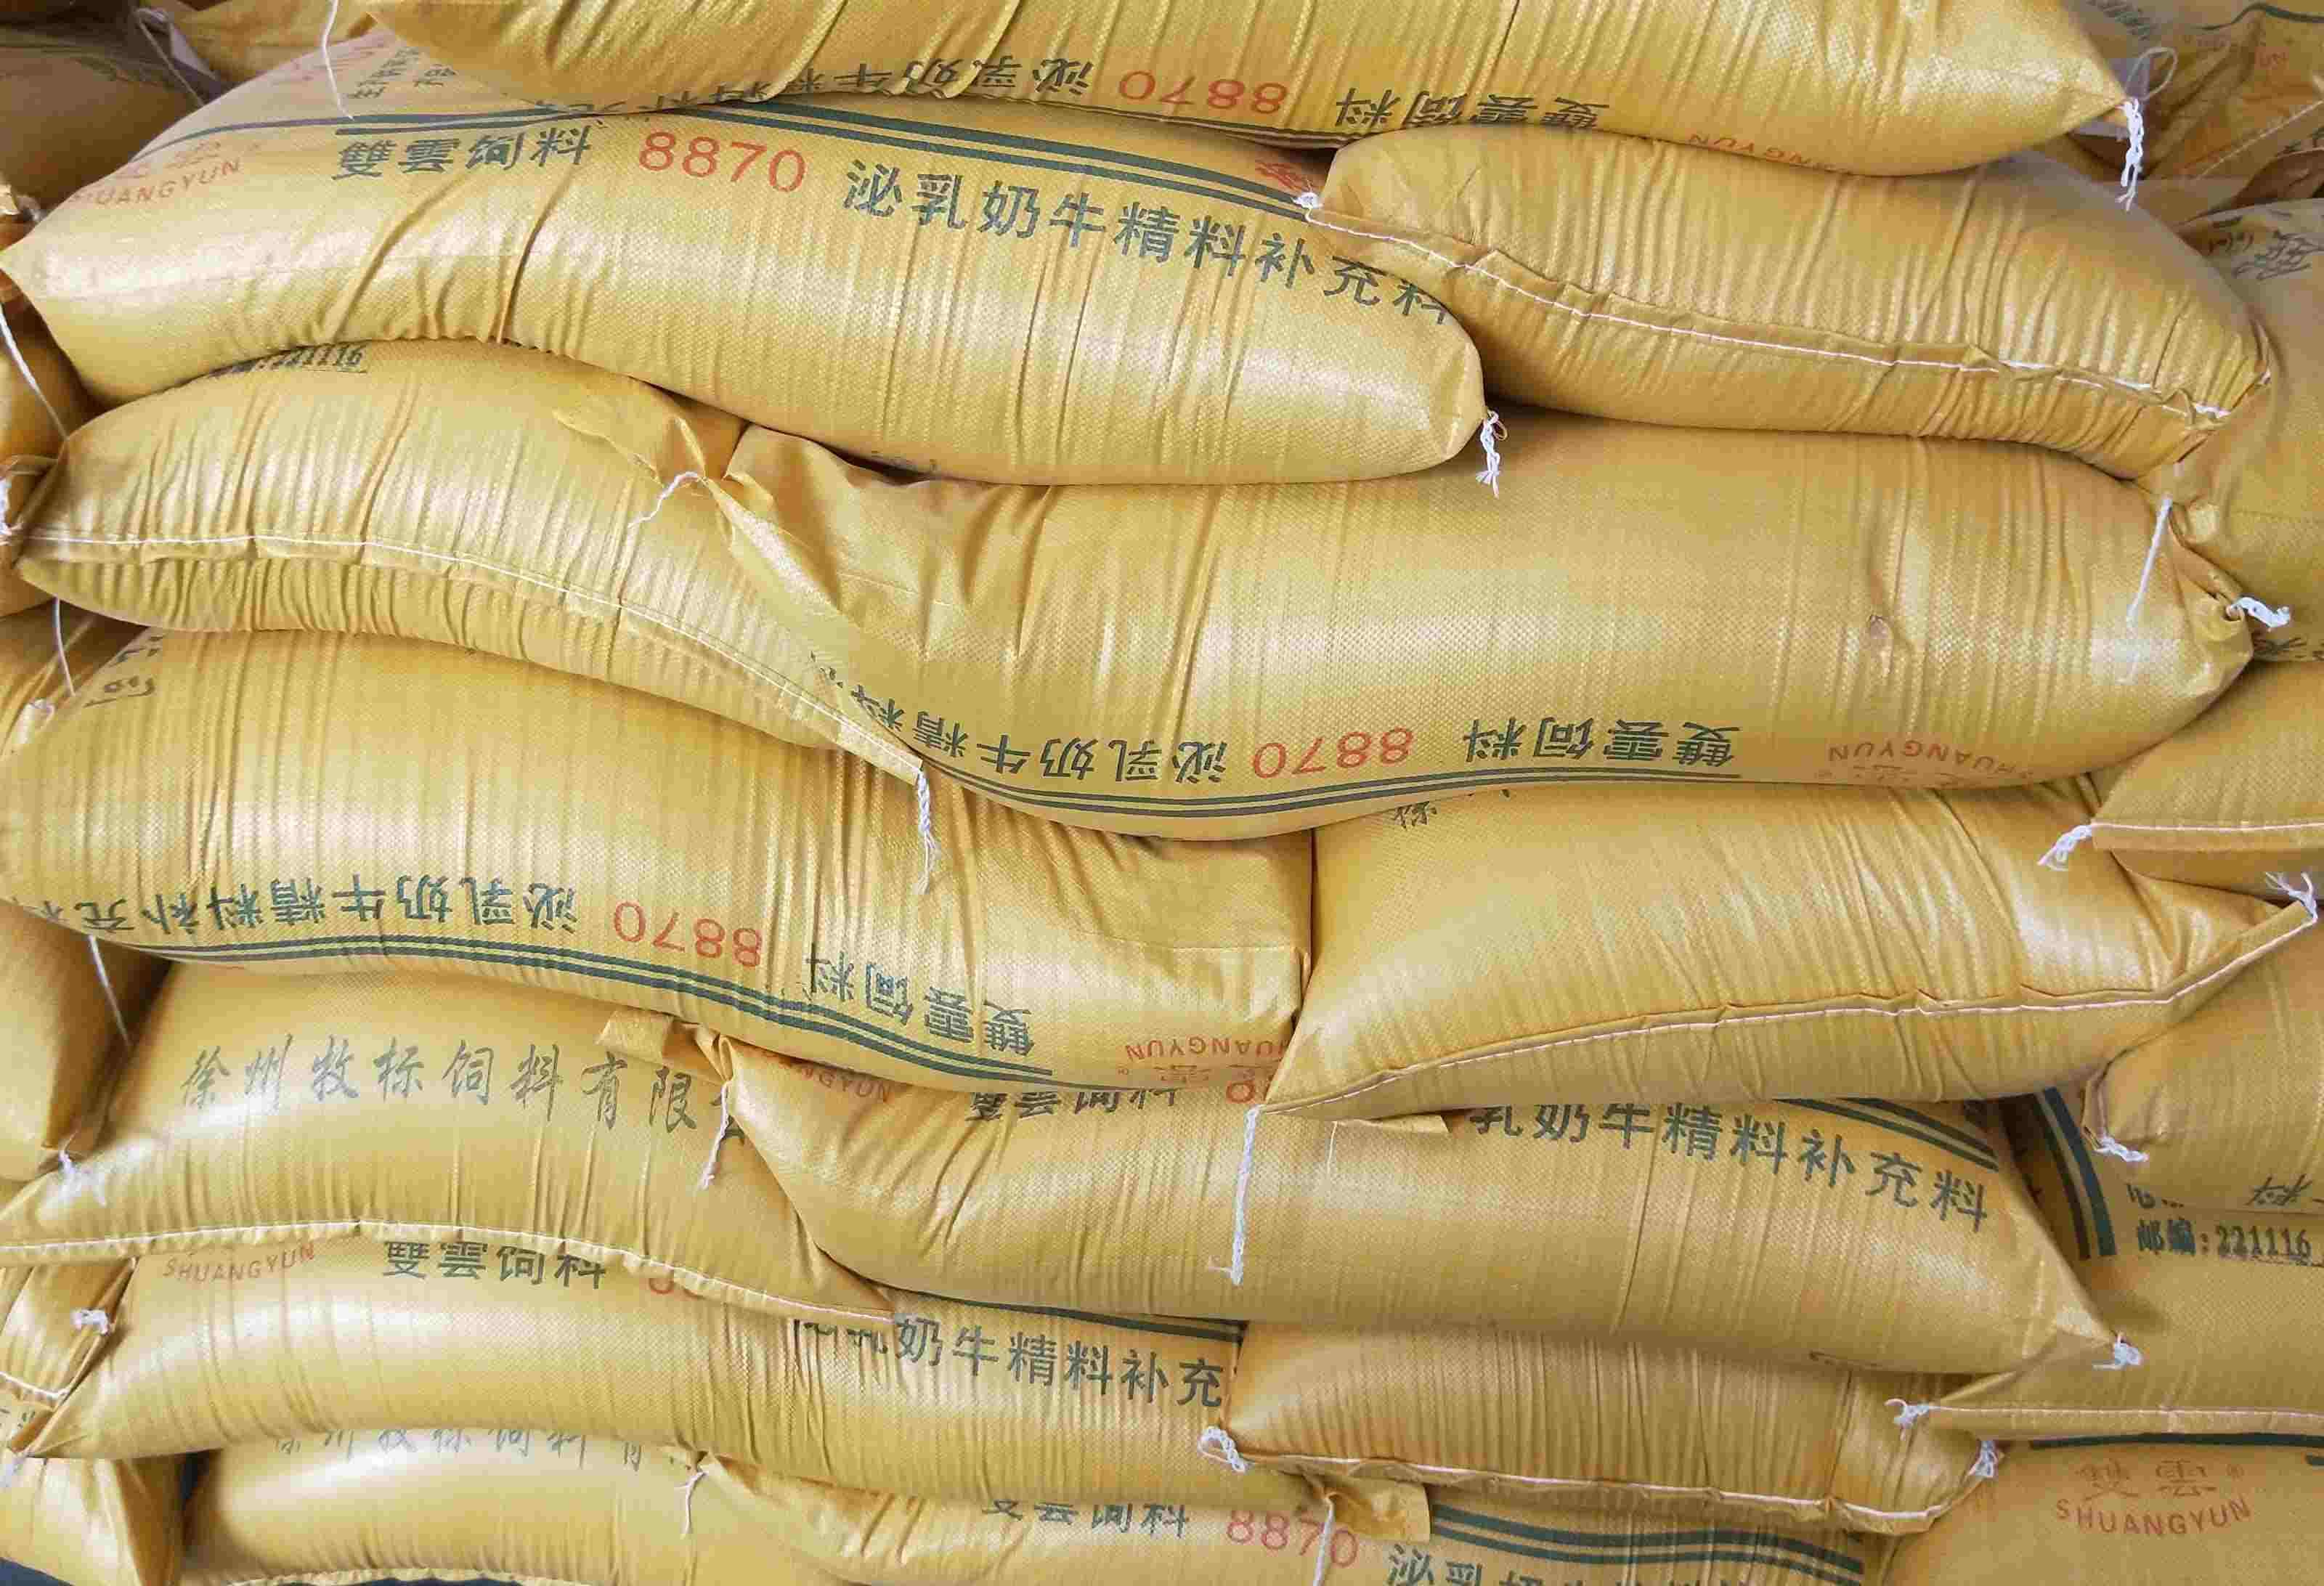 湖南抢手的奶牛饲料-徐州声誉好的泌乳奶牛精料补充料供货商推荐